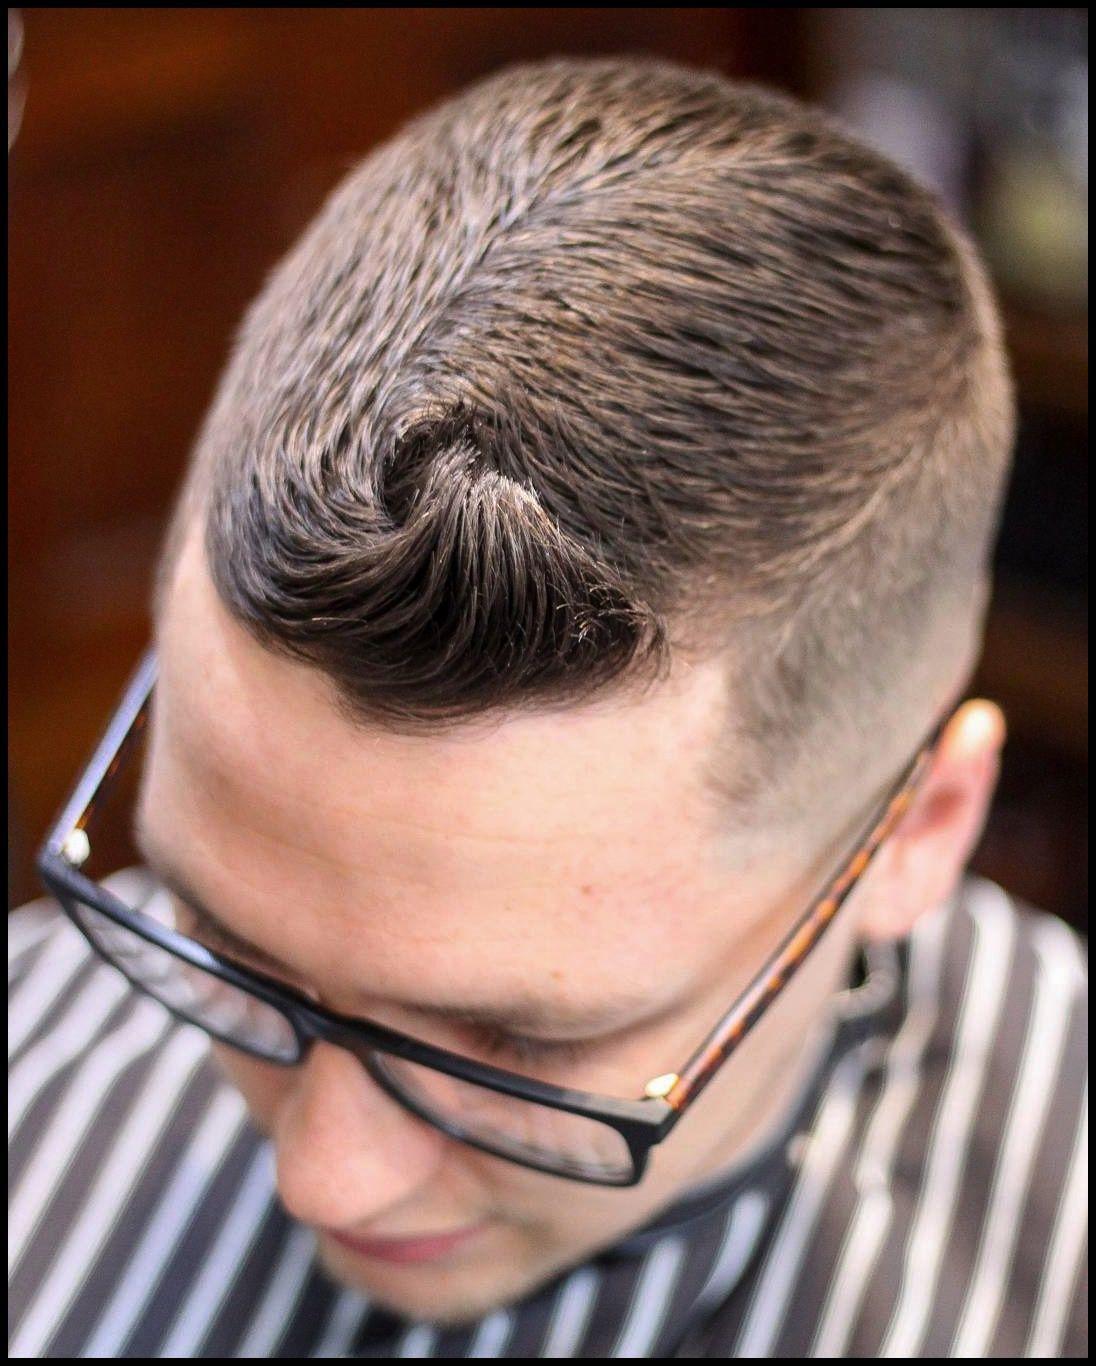 Mens short haircuts 2018 neue frisuren für männer im jahr  zu versuchen frisuren manner